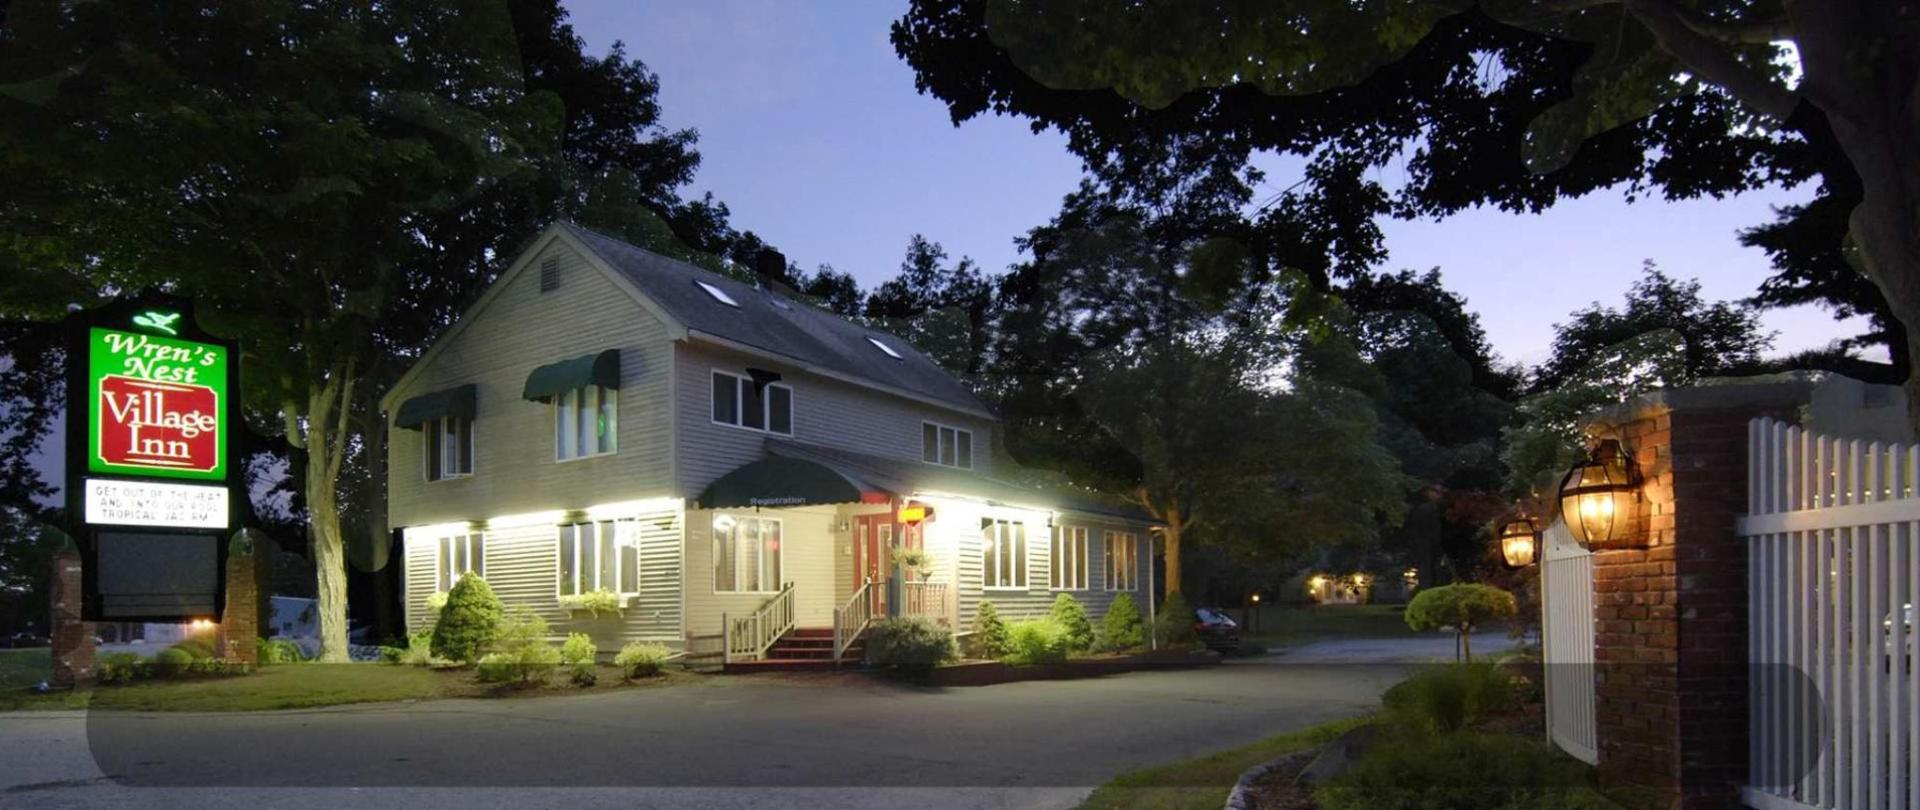 Wren's Nest Village Inn